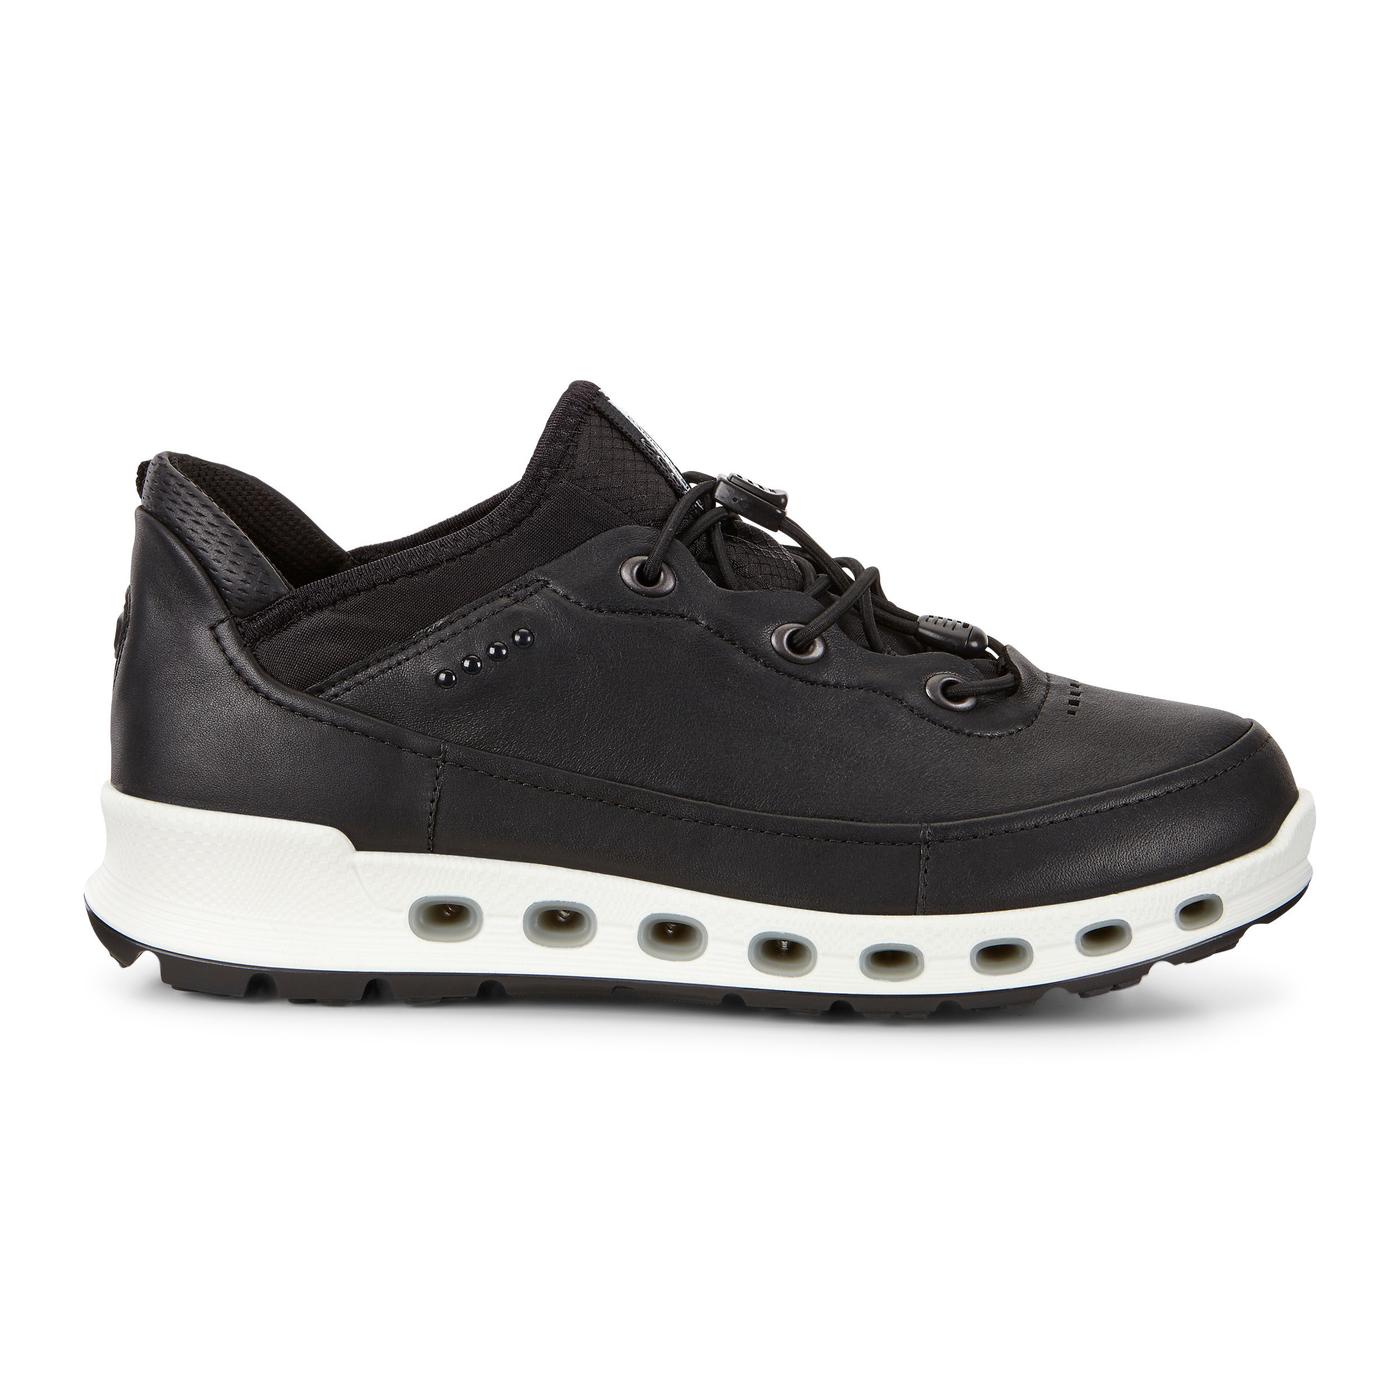 ECCO COOL 2.0 LADIES Sneaker